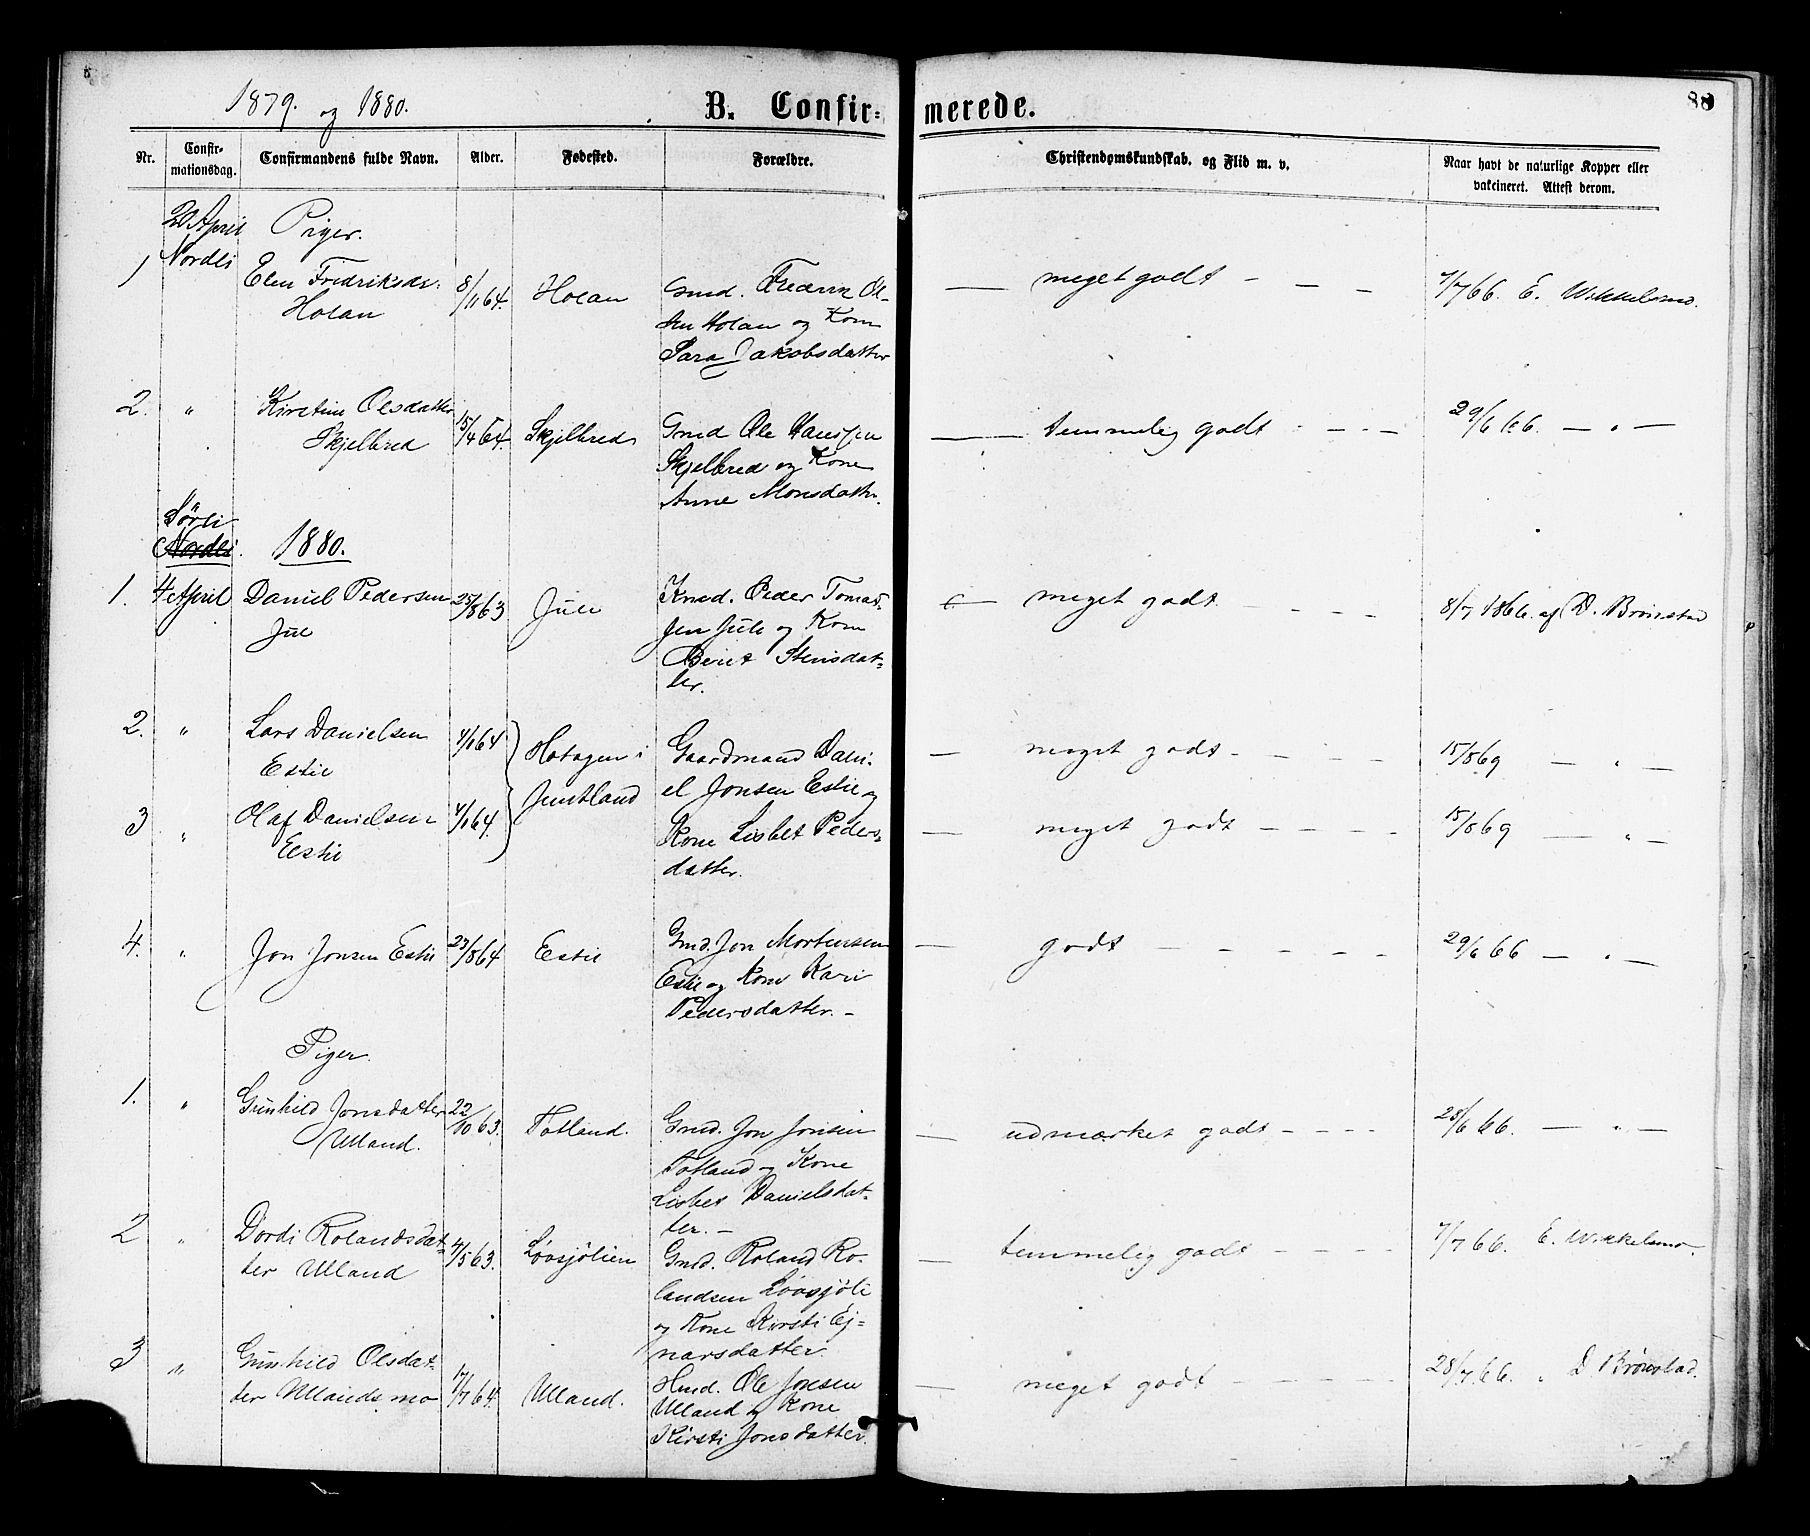 SAT, Ministerialprotokoller, klokkerbøker og fødselsregistre - Nord-Trøndelag, 755/L0493: Ministerialbok nr. 755A02, 1865-1881, s. 88